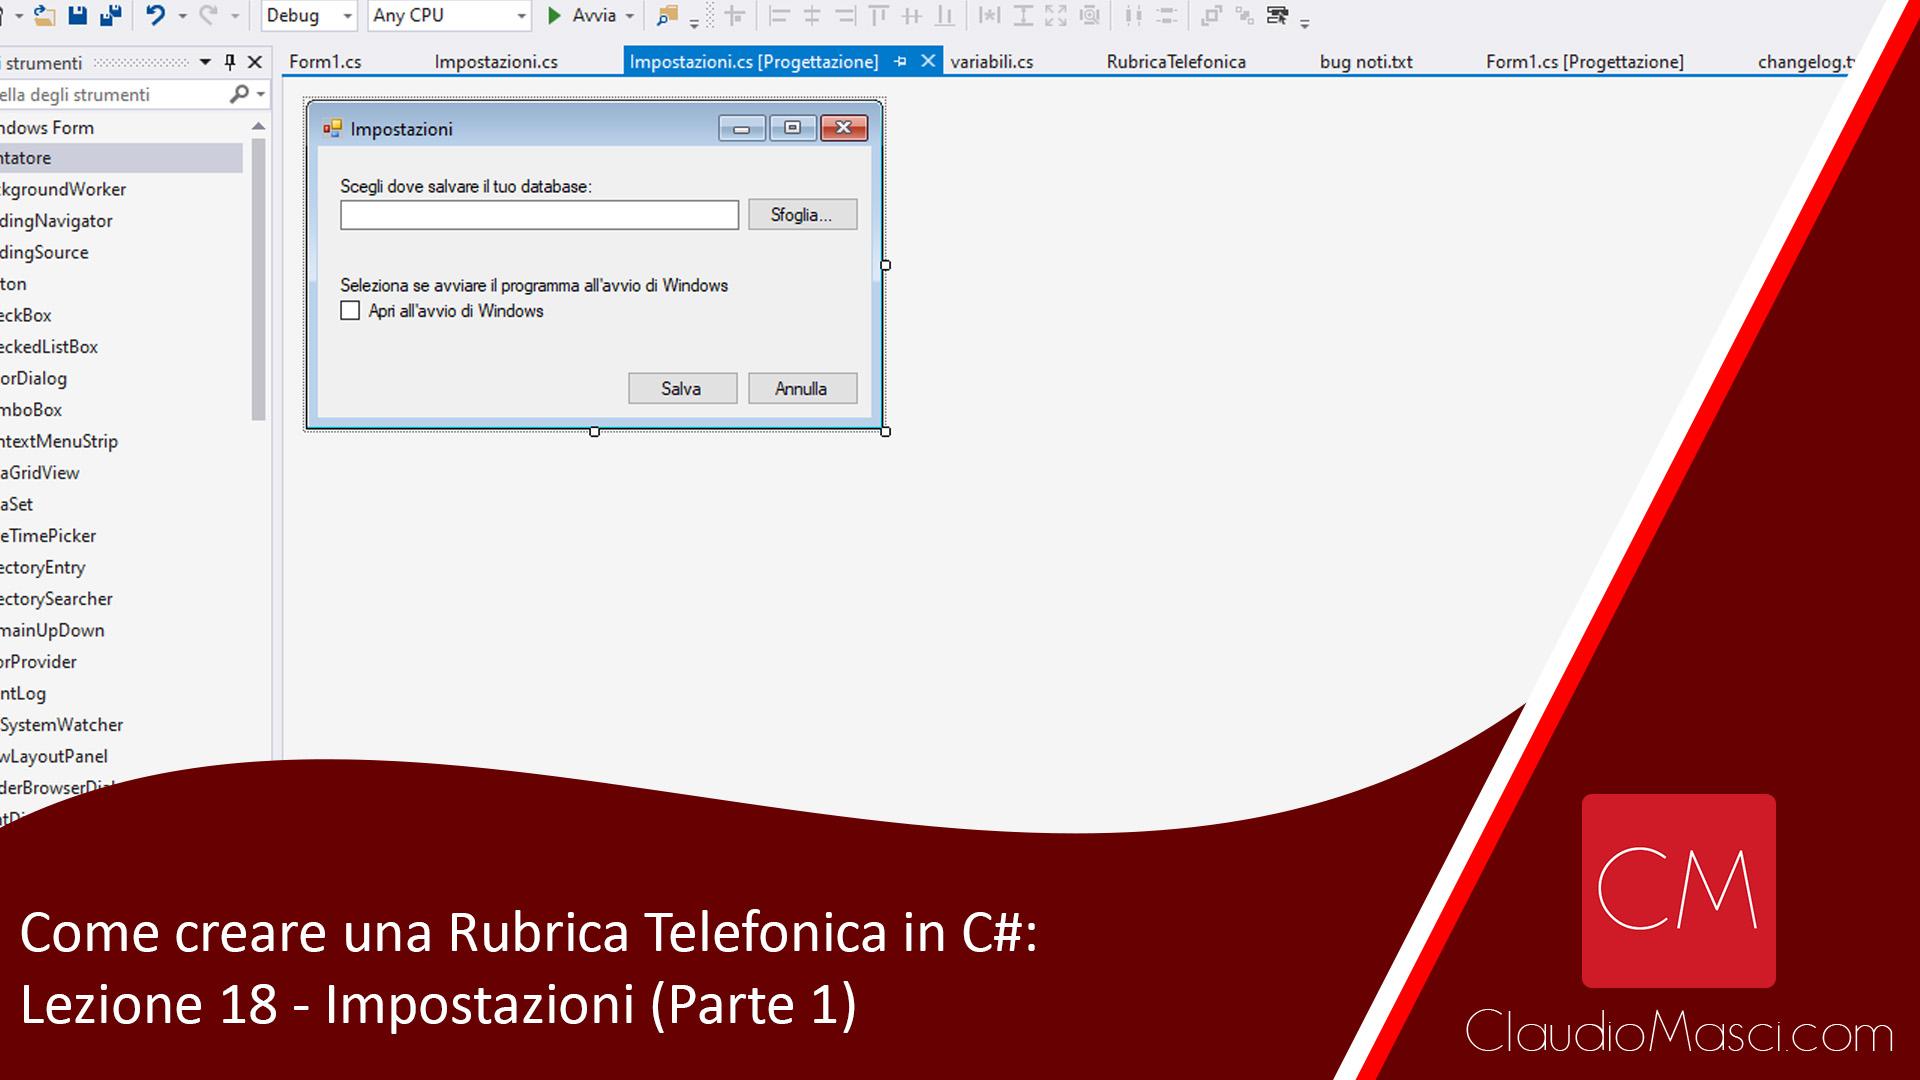 Come creare una Rubrica Telefonica in C# – Lezione 18 – Impostazioni